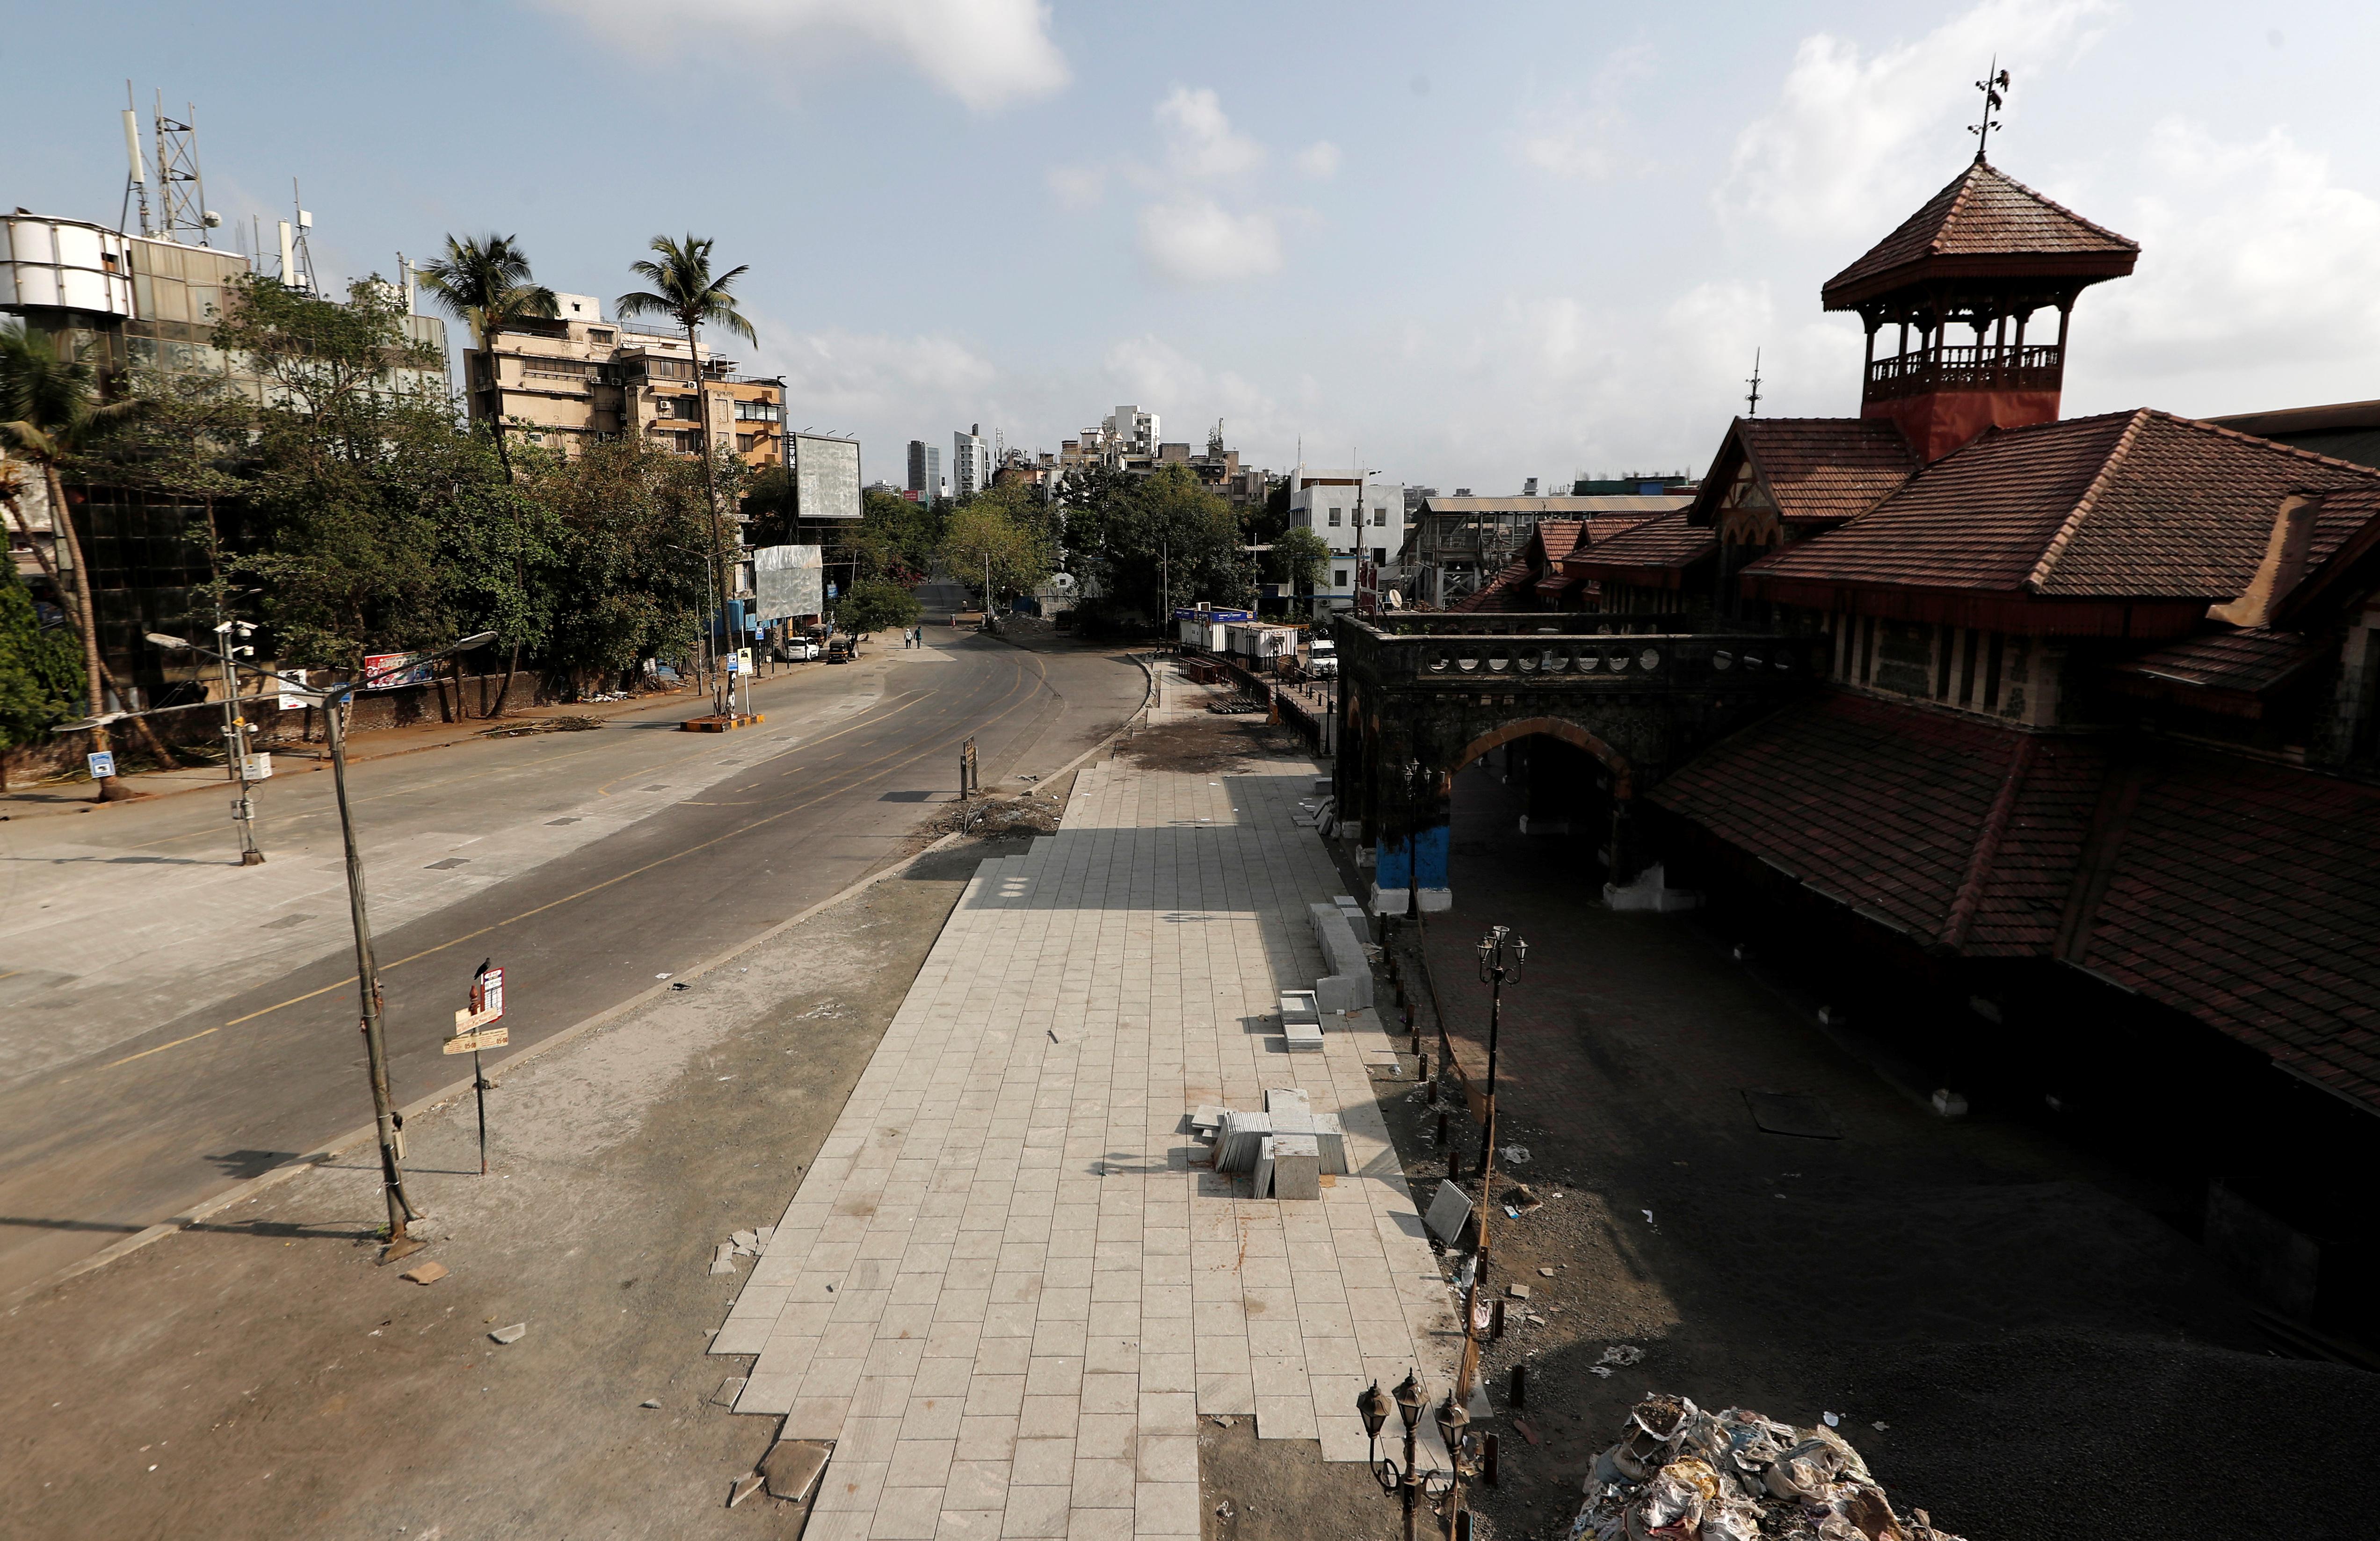 AHORA - Una vista vacía de una estación ferroviaria en Mumbai, India (REUTERS/Francis Mascarenhas)